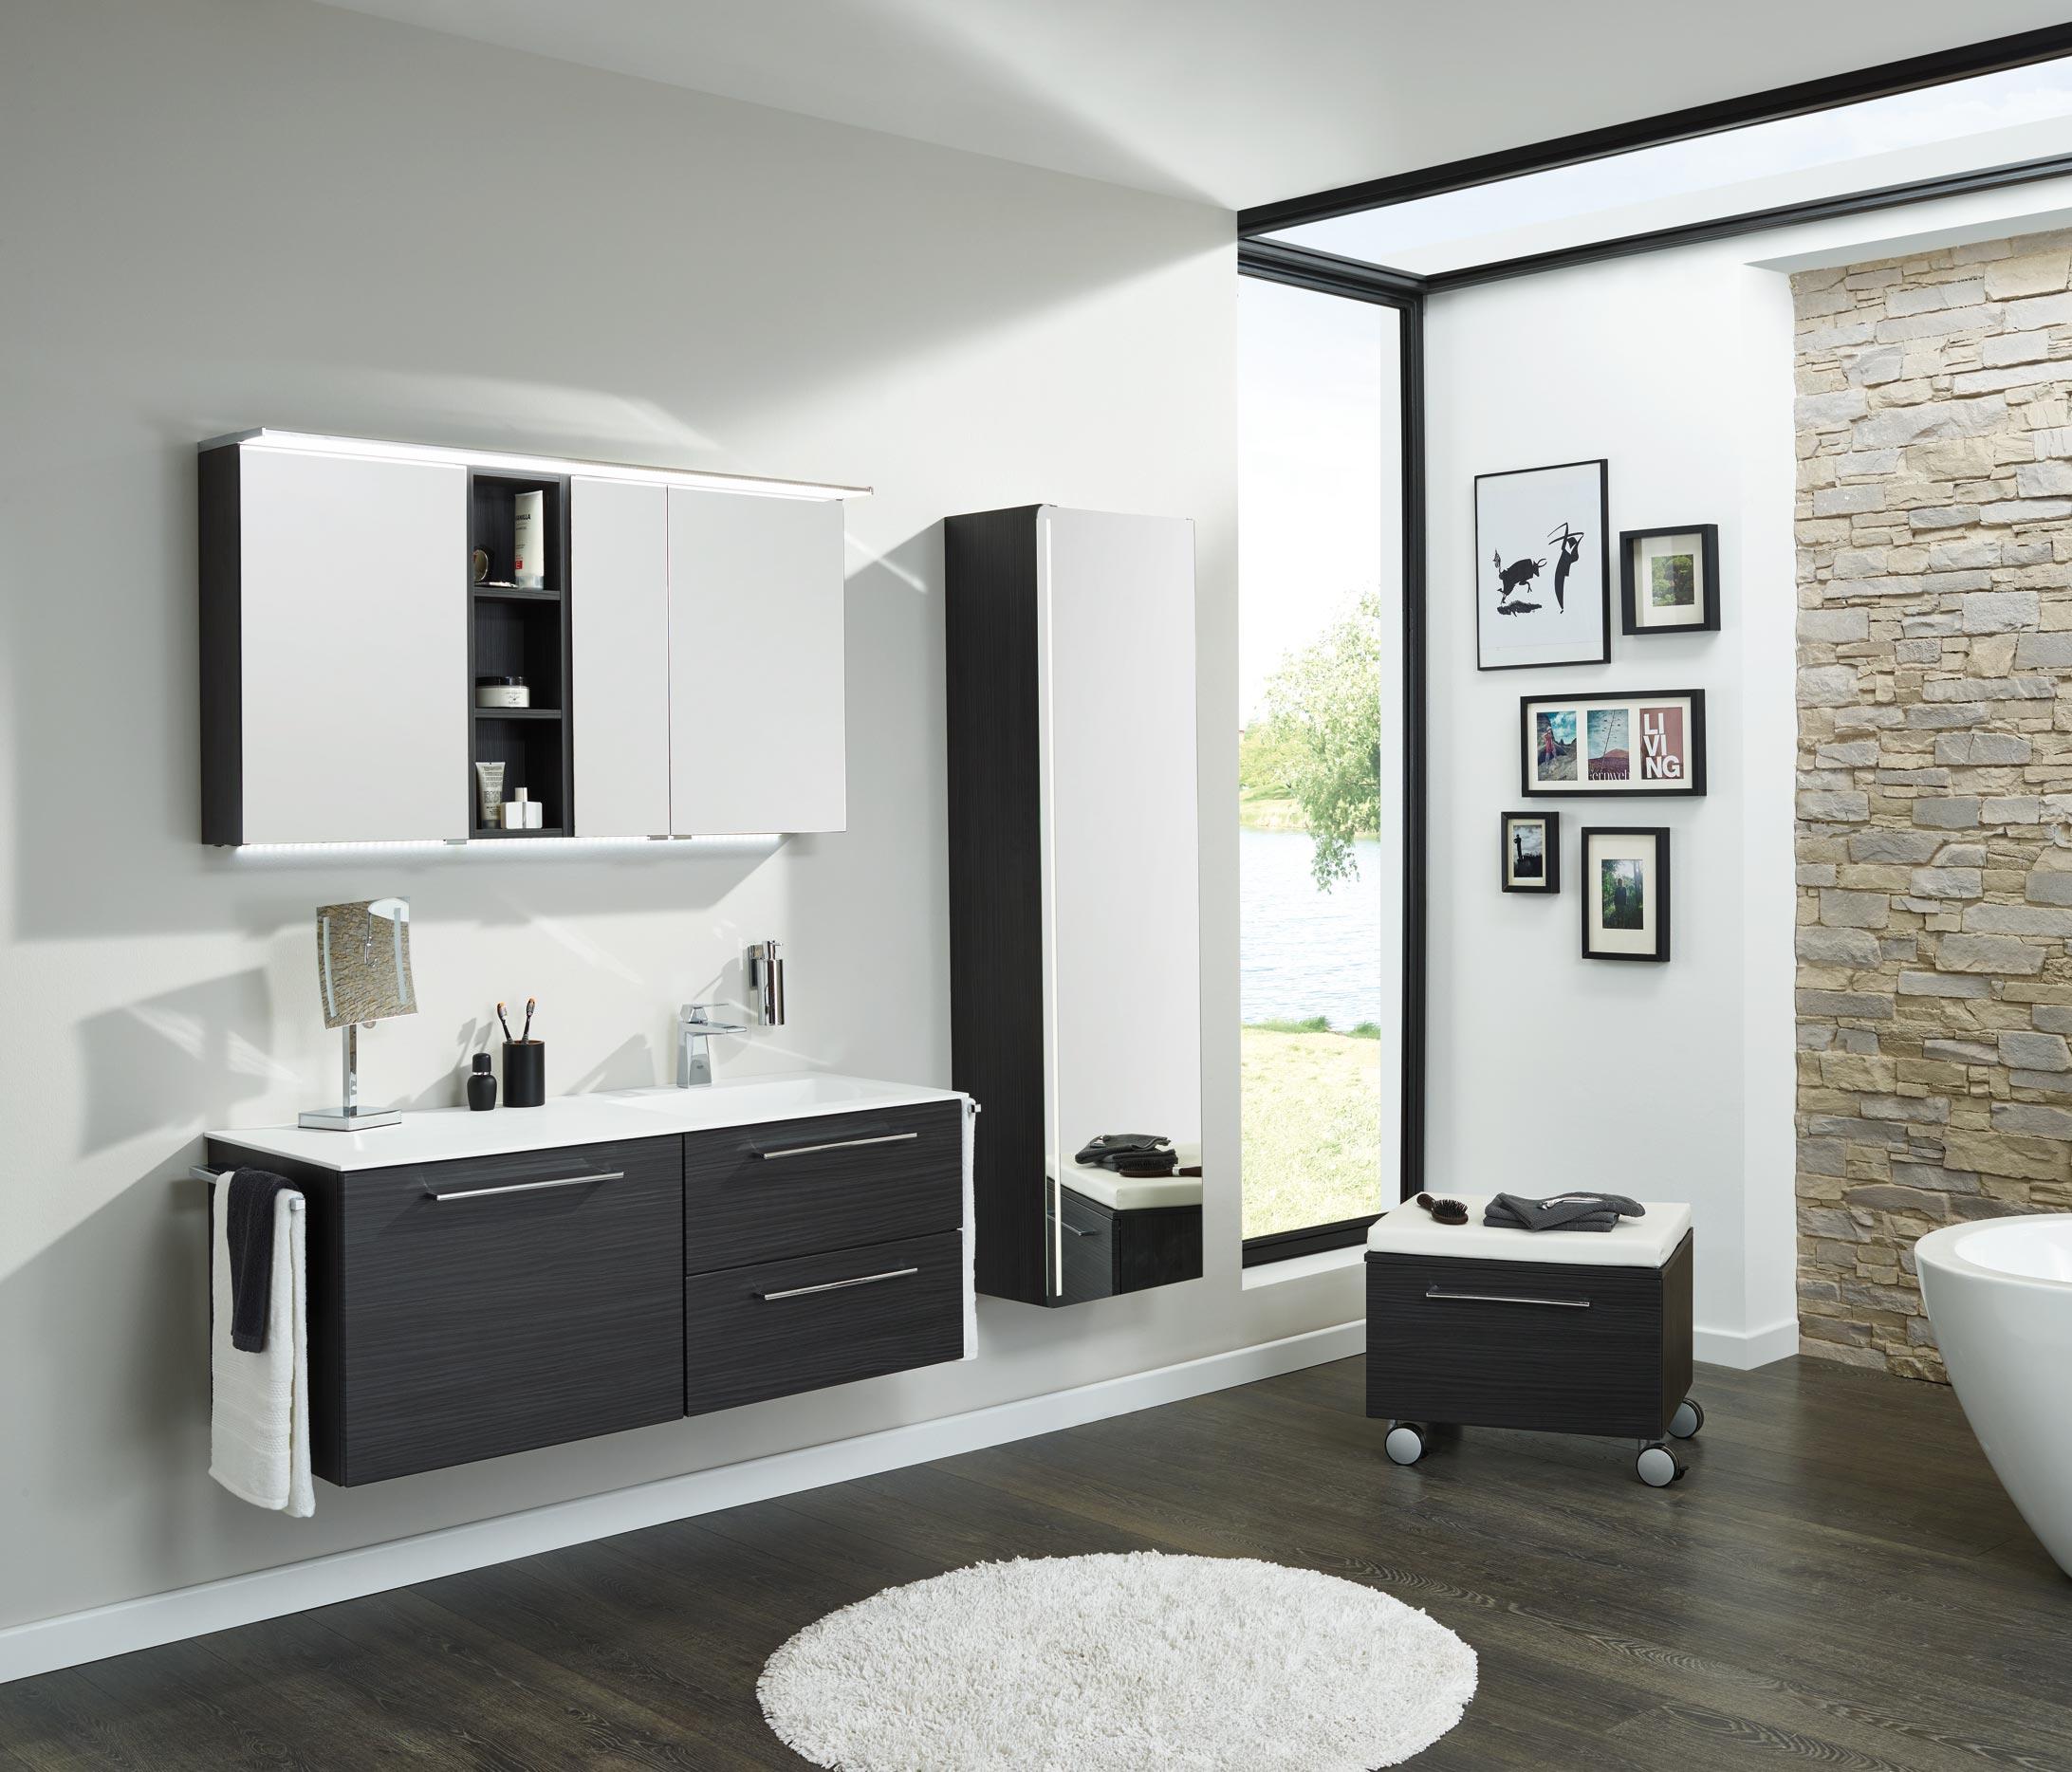 Beste van badkamermeubel met ontwerp badkamer badkamermeubels ontwerpen 2017 - Ontwerp badkamer model ...